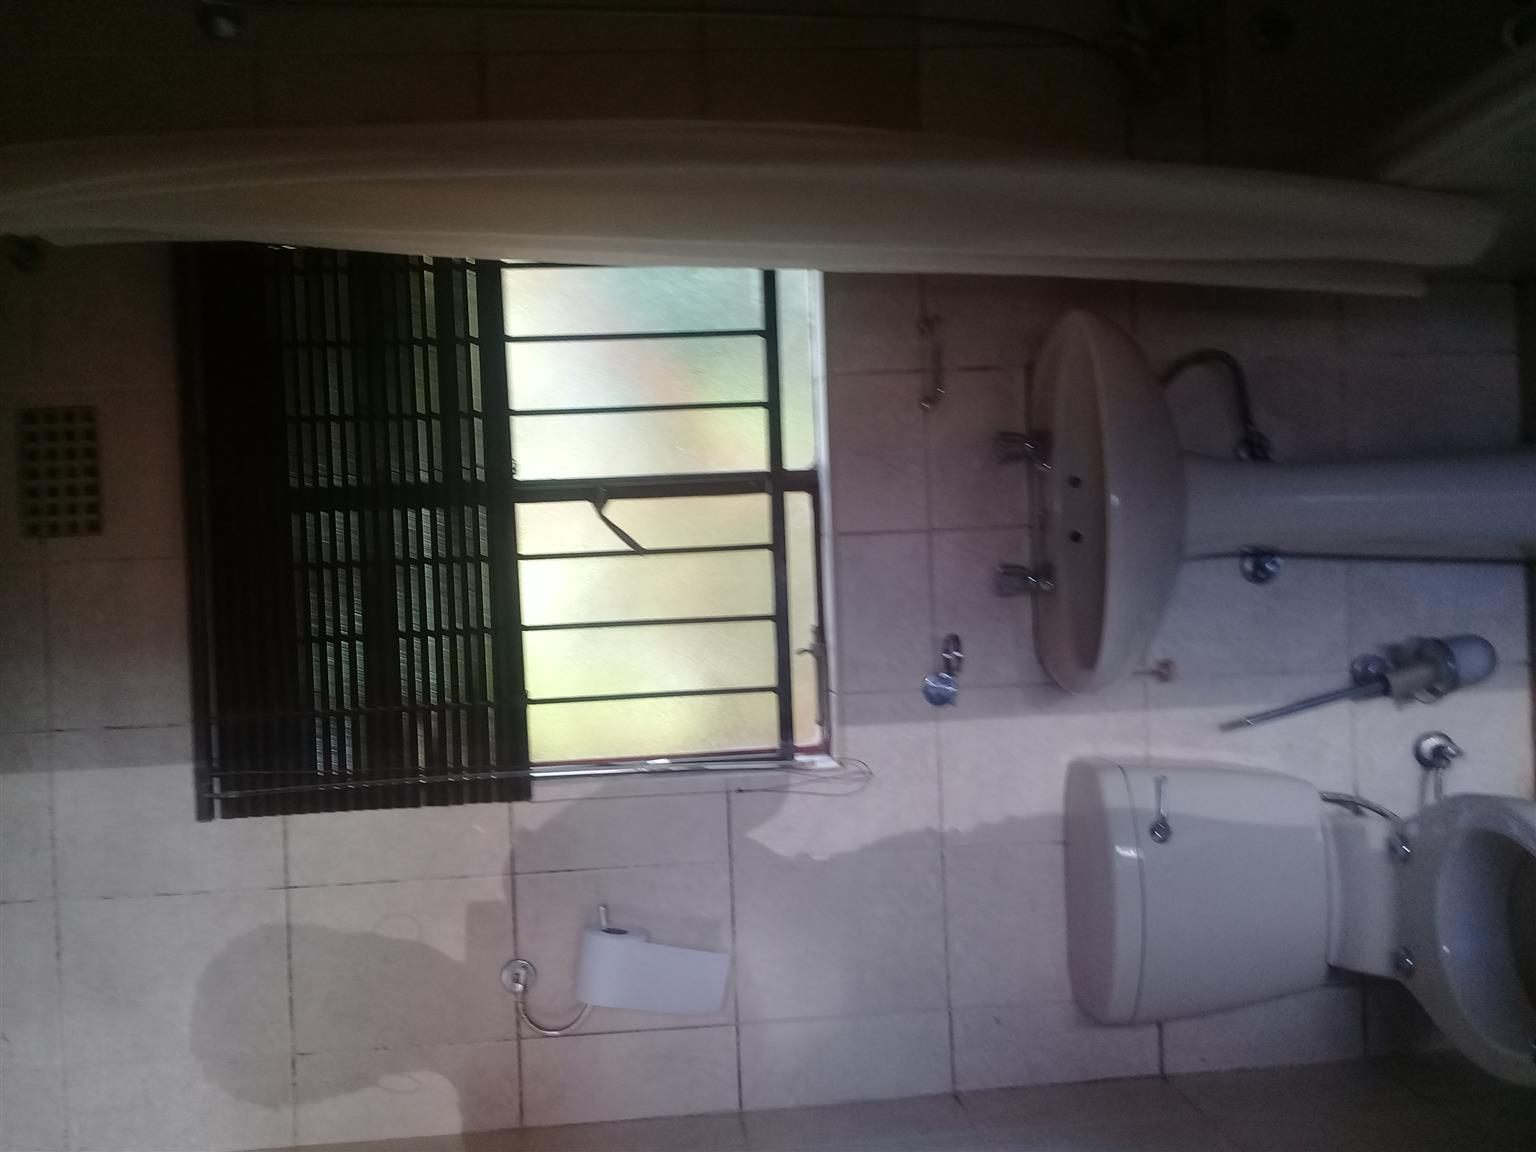 Rooms/ house in Vosloorus ext26